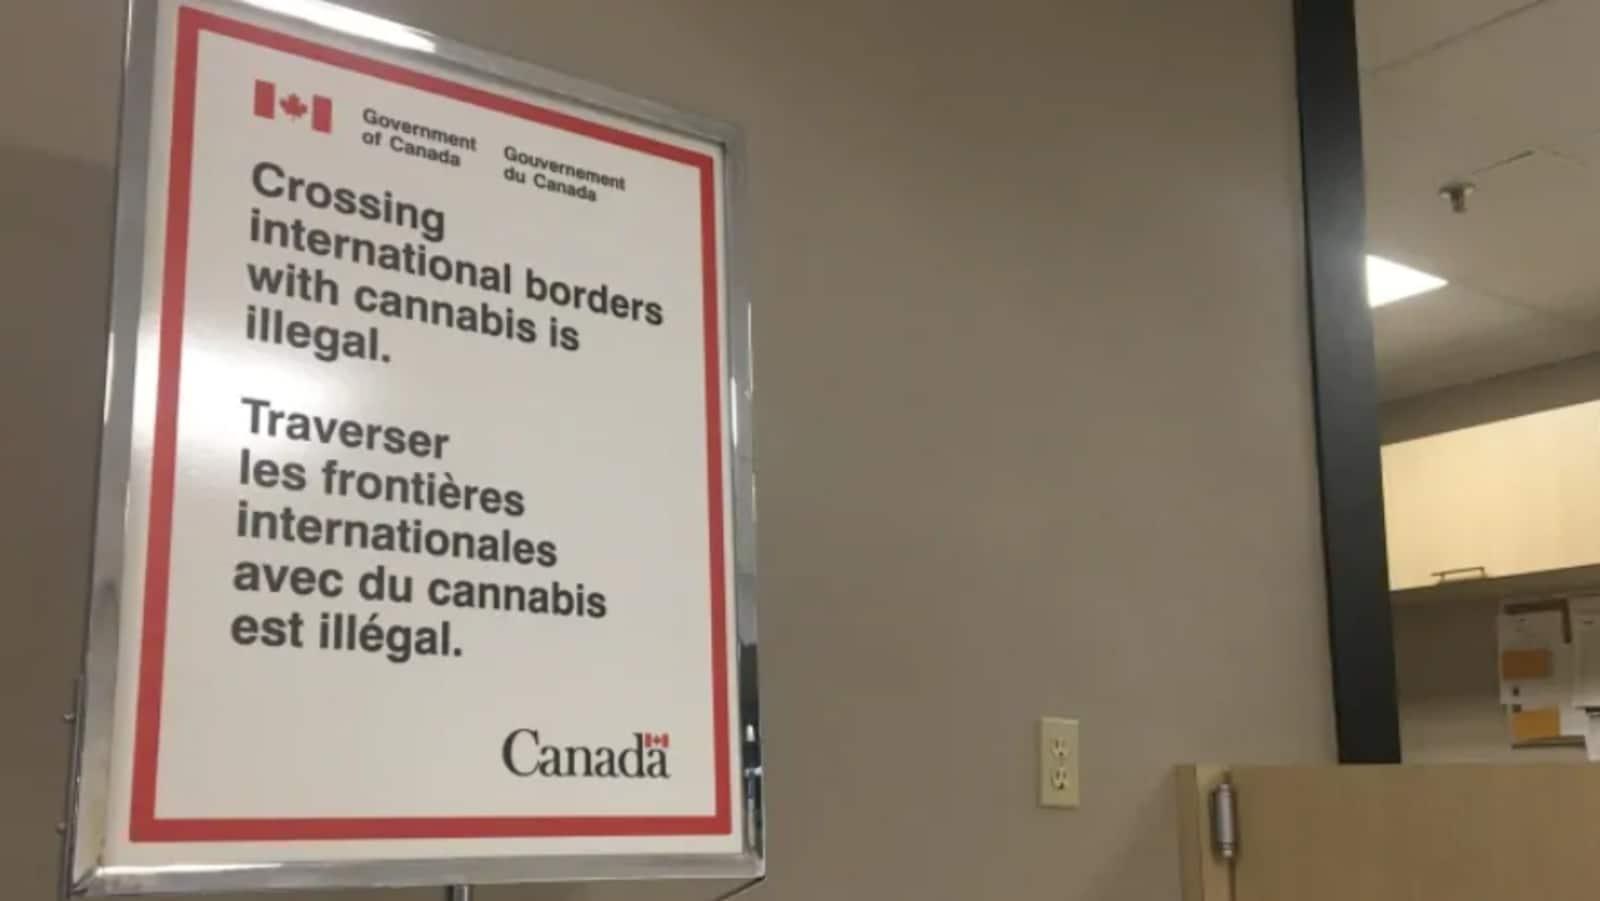 Une affiche indique : traverser les frontières internationales avec du cannabis est illégal.